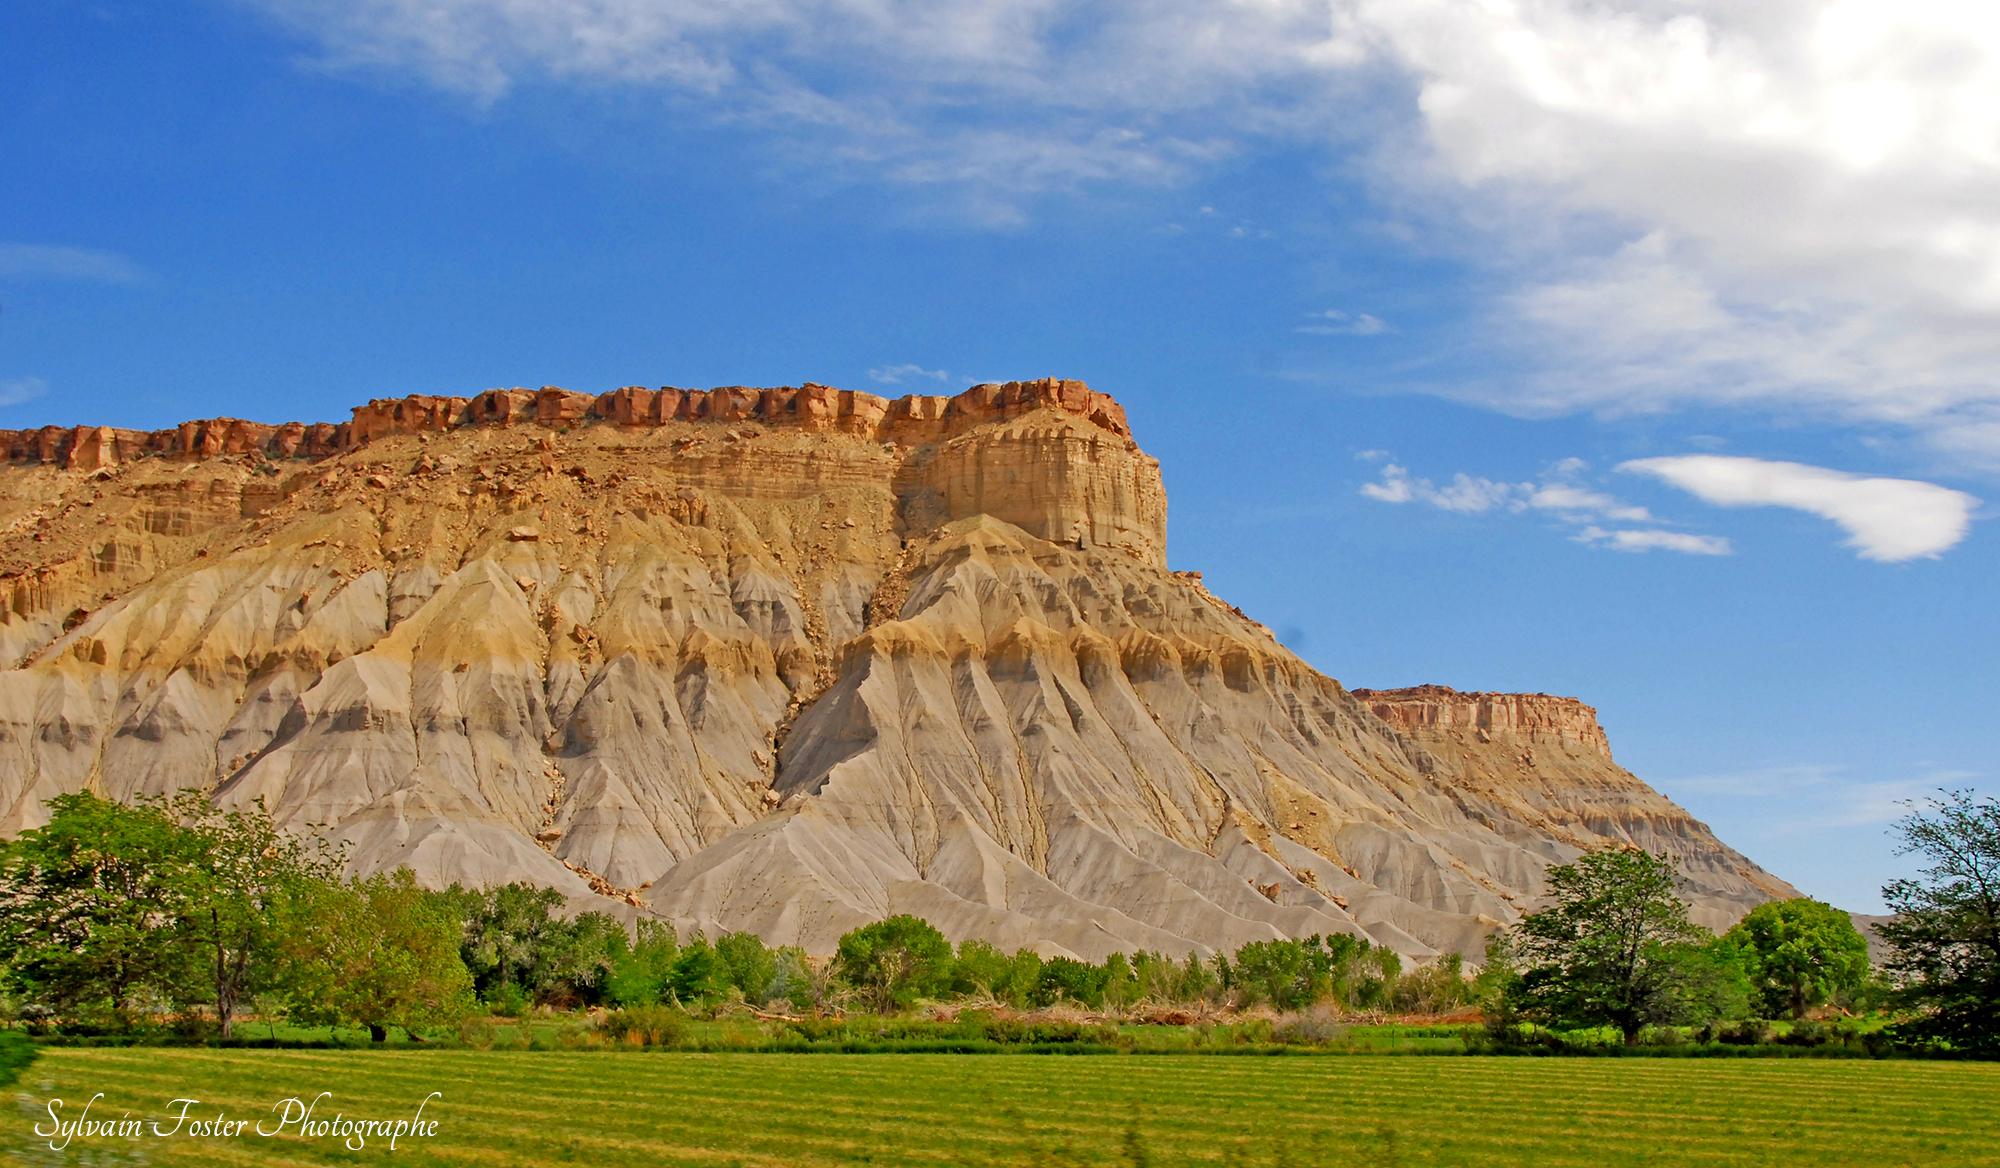 Utah, U.S.A